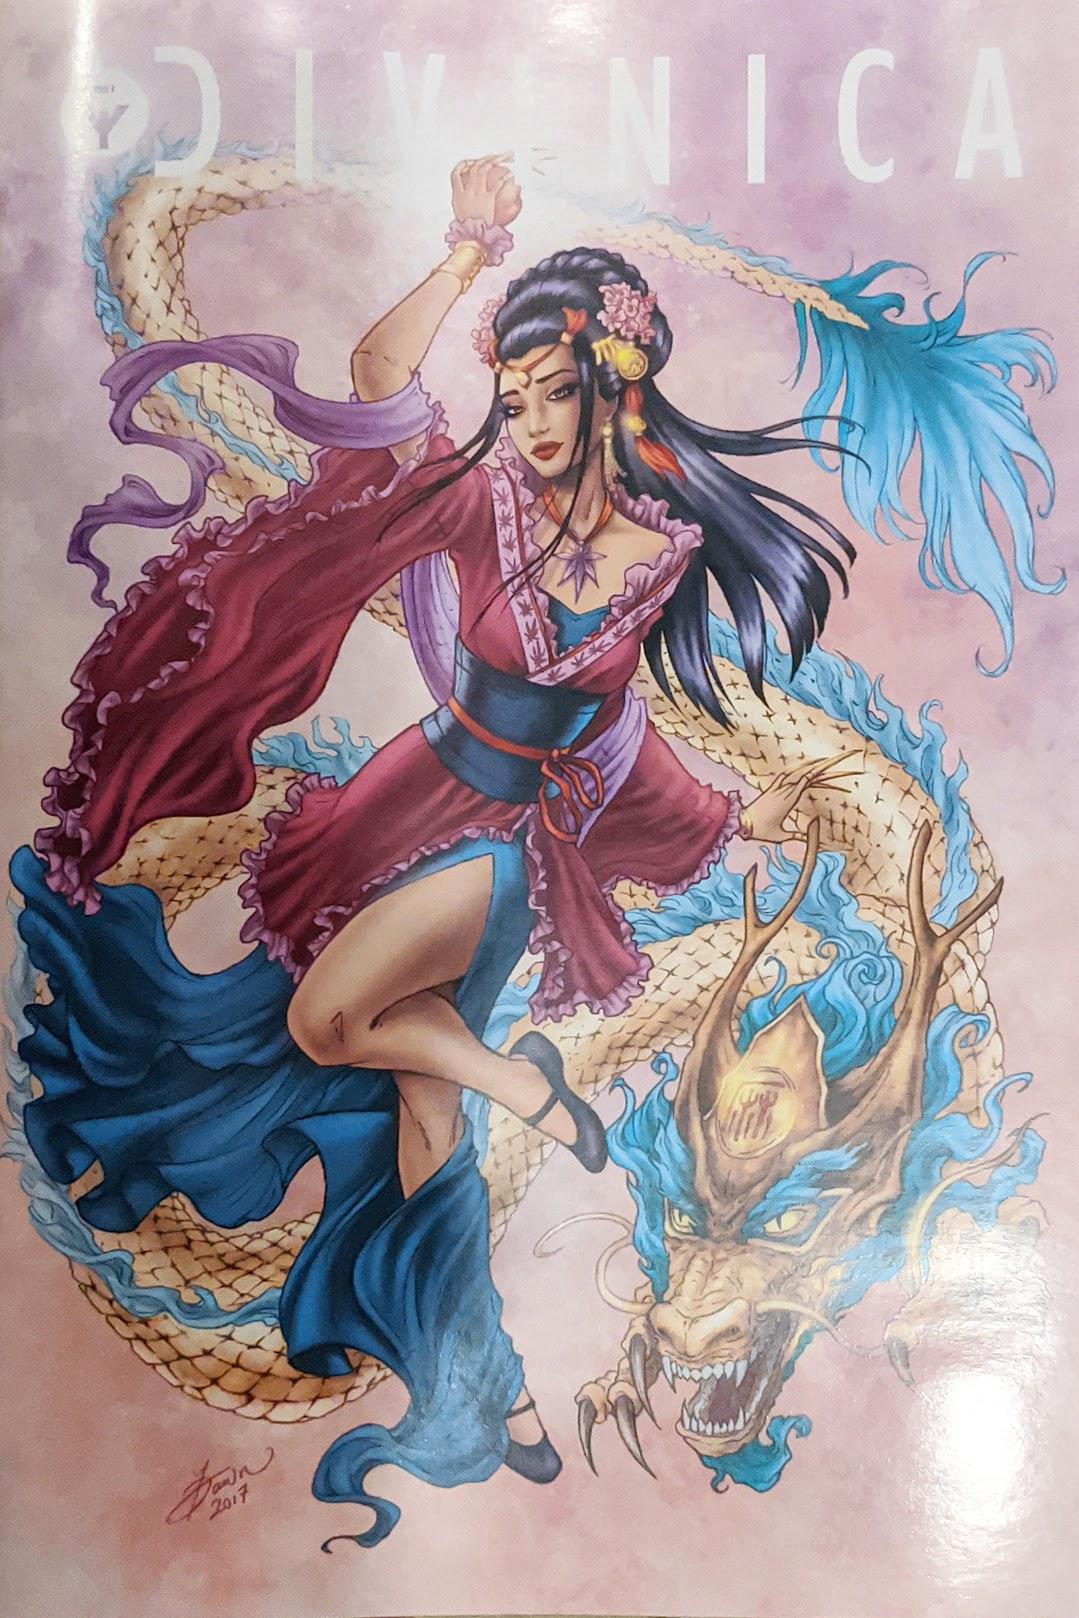 Divinica #4